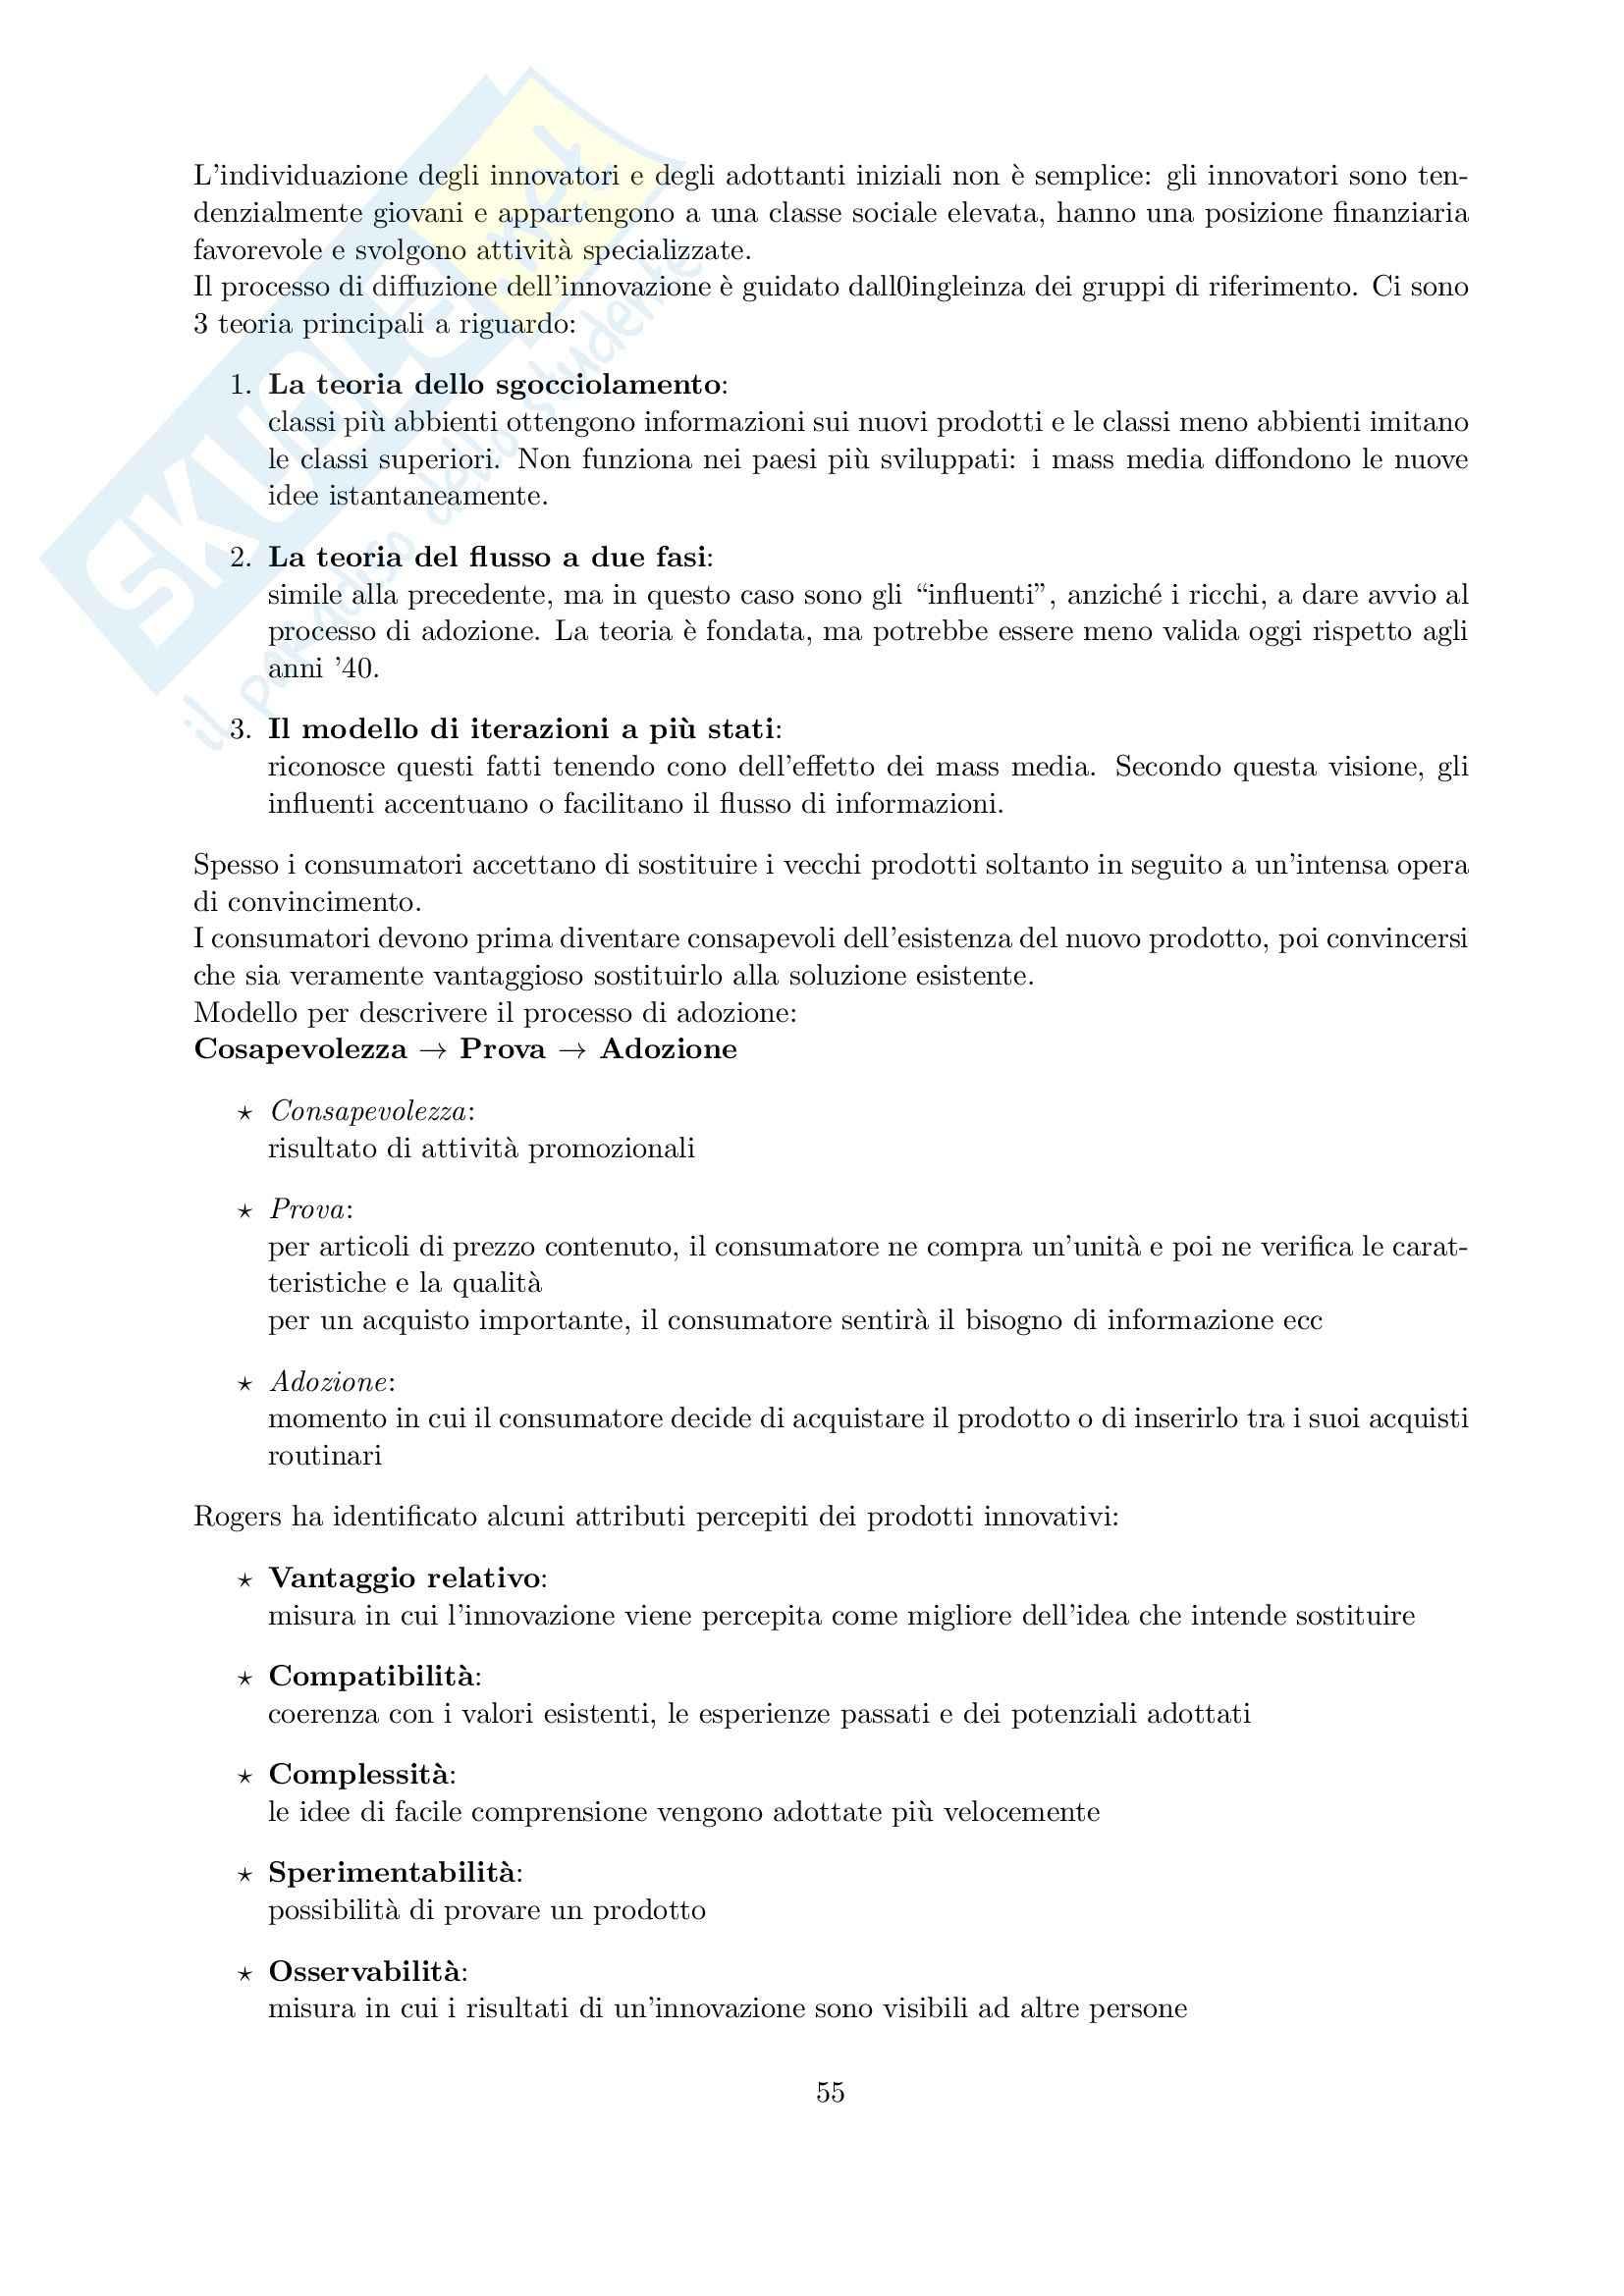 Riassunto esame Marketing, prof. Cedrola, libro consigliato Fondamenti di marketing, Cedrola, Blythe Pag. 56